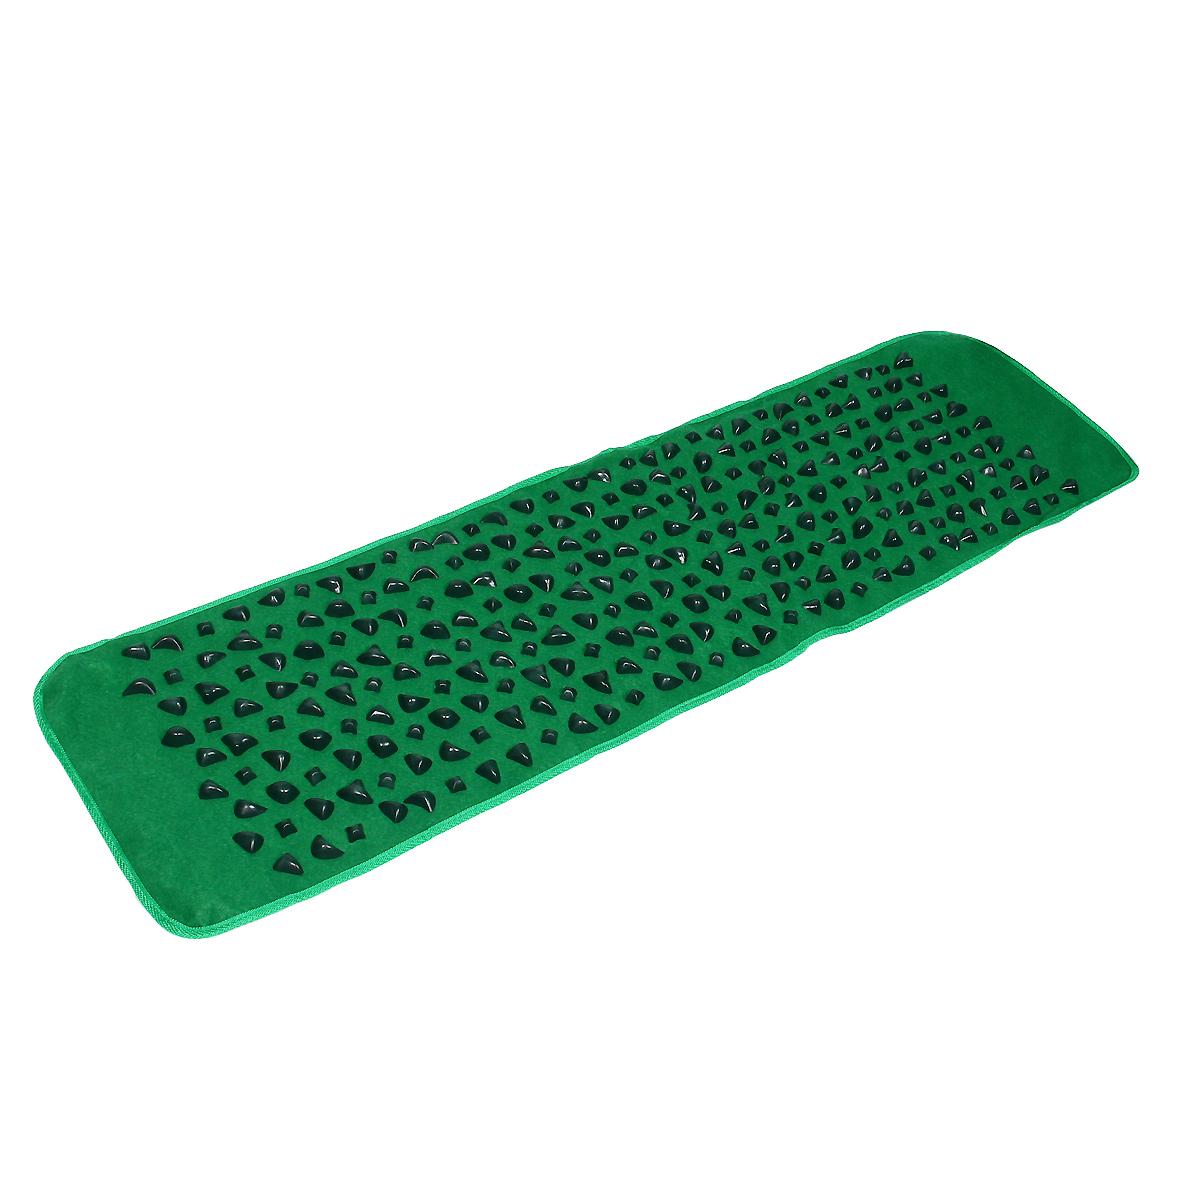 Коврик массажный Lite Weights, с камнями, цвет: зеленый, 142 х 39 х 0,2 смMCI54145_WhiteОртопедический коврик с имитацией гальки прекрасно подходит как для лечения различных заболеваний, так и просто для расслабляющего оздоравливающего массажа стоп. Его использование рекомендовано при плоскостопии, нарушении опорно-двигательной функции стопы, ассиметричной и аритмичной ходьбе, деформациях стопы после хирургического вмешательства и т.д. Коврик изготовлен из безопасных материалов и выполнен в виде дорожки с имитацией морской гальки, поэтому его использование не только полезно, но и приятно радует глаз!